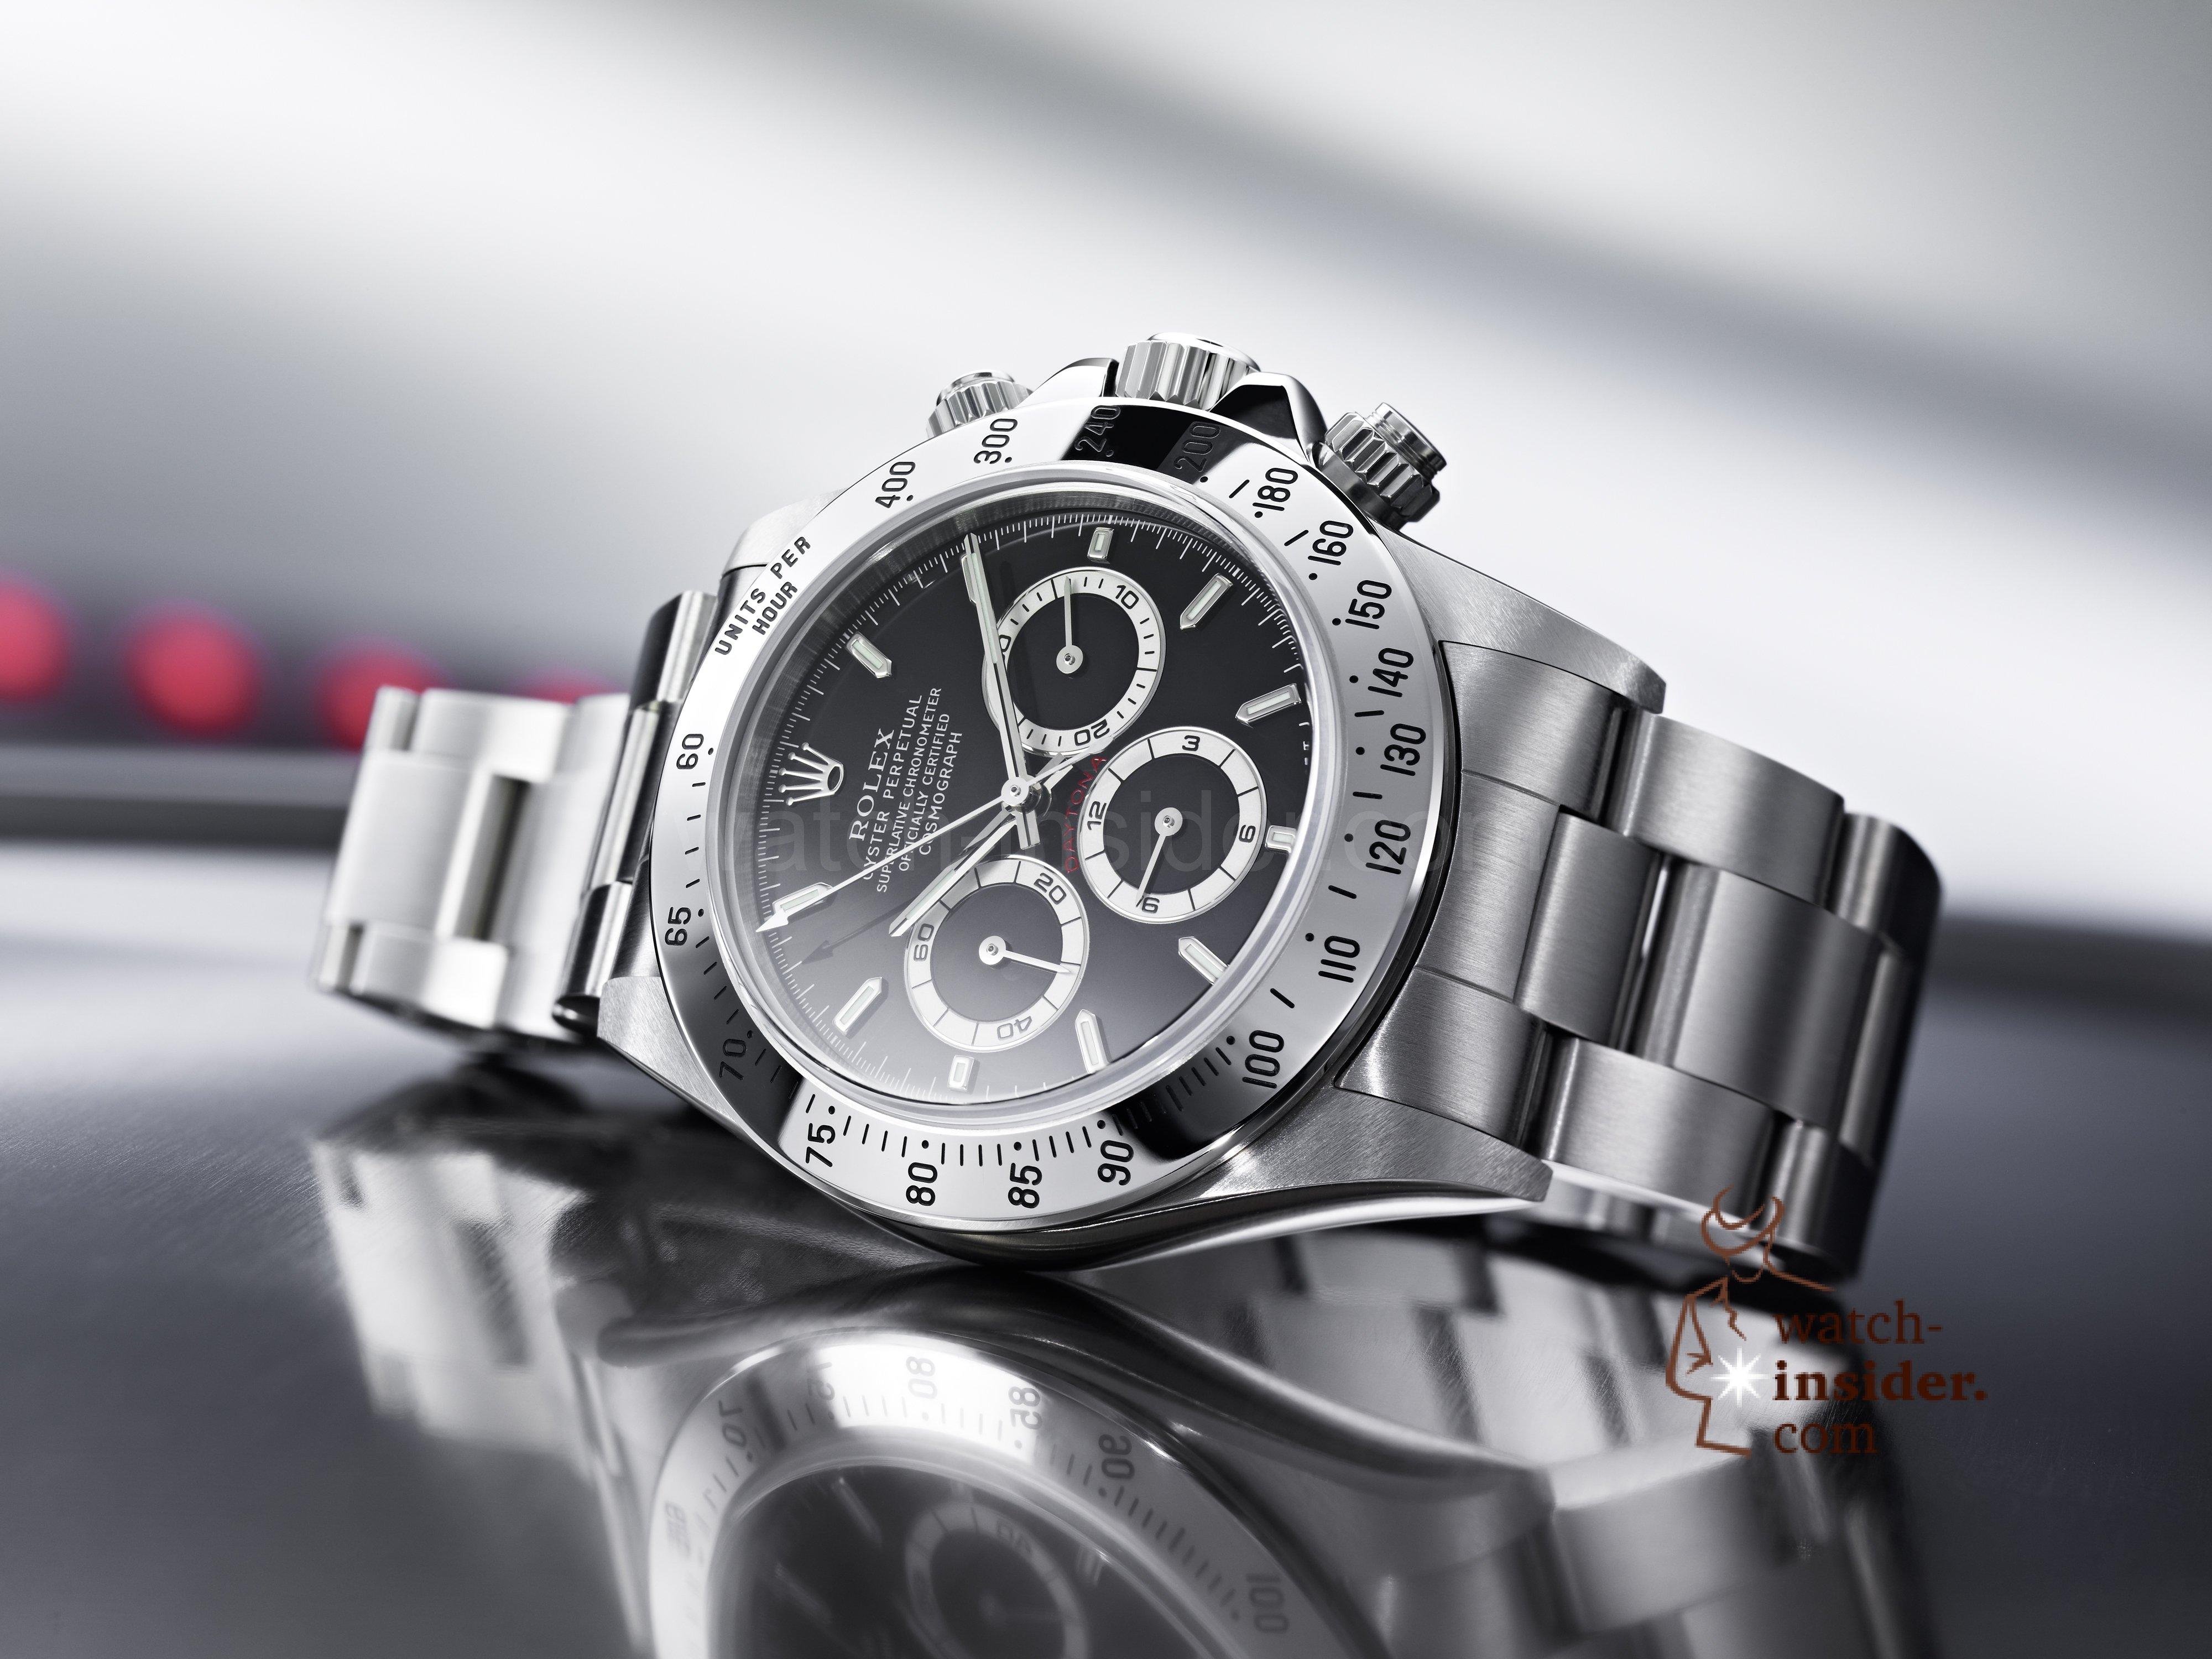 rolex watch time clock 49 wallpaper 4000x3000 403187